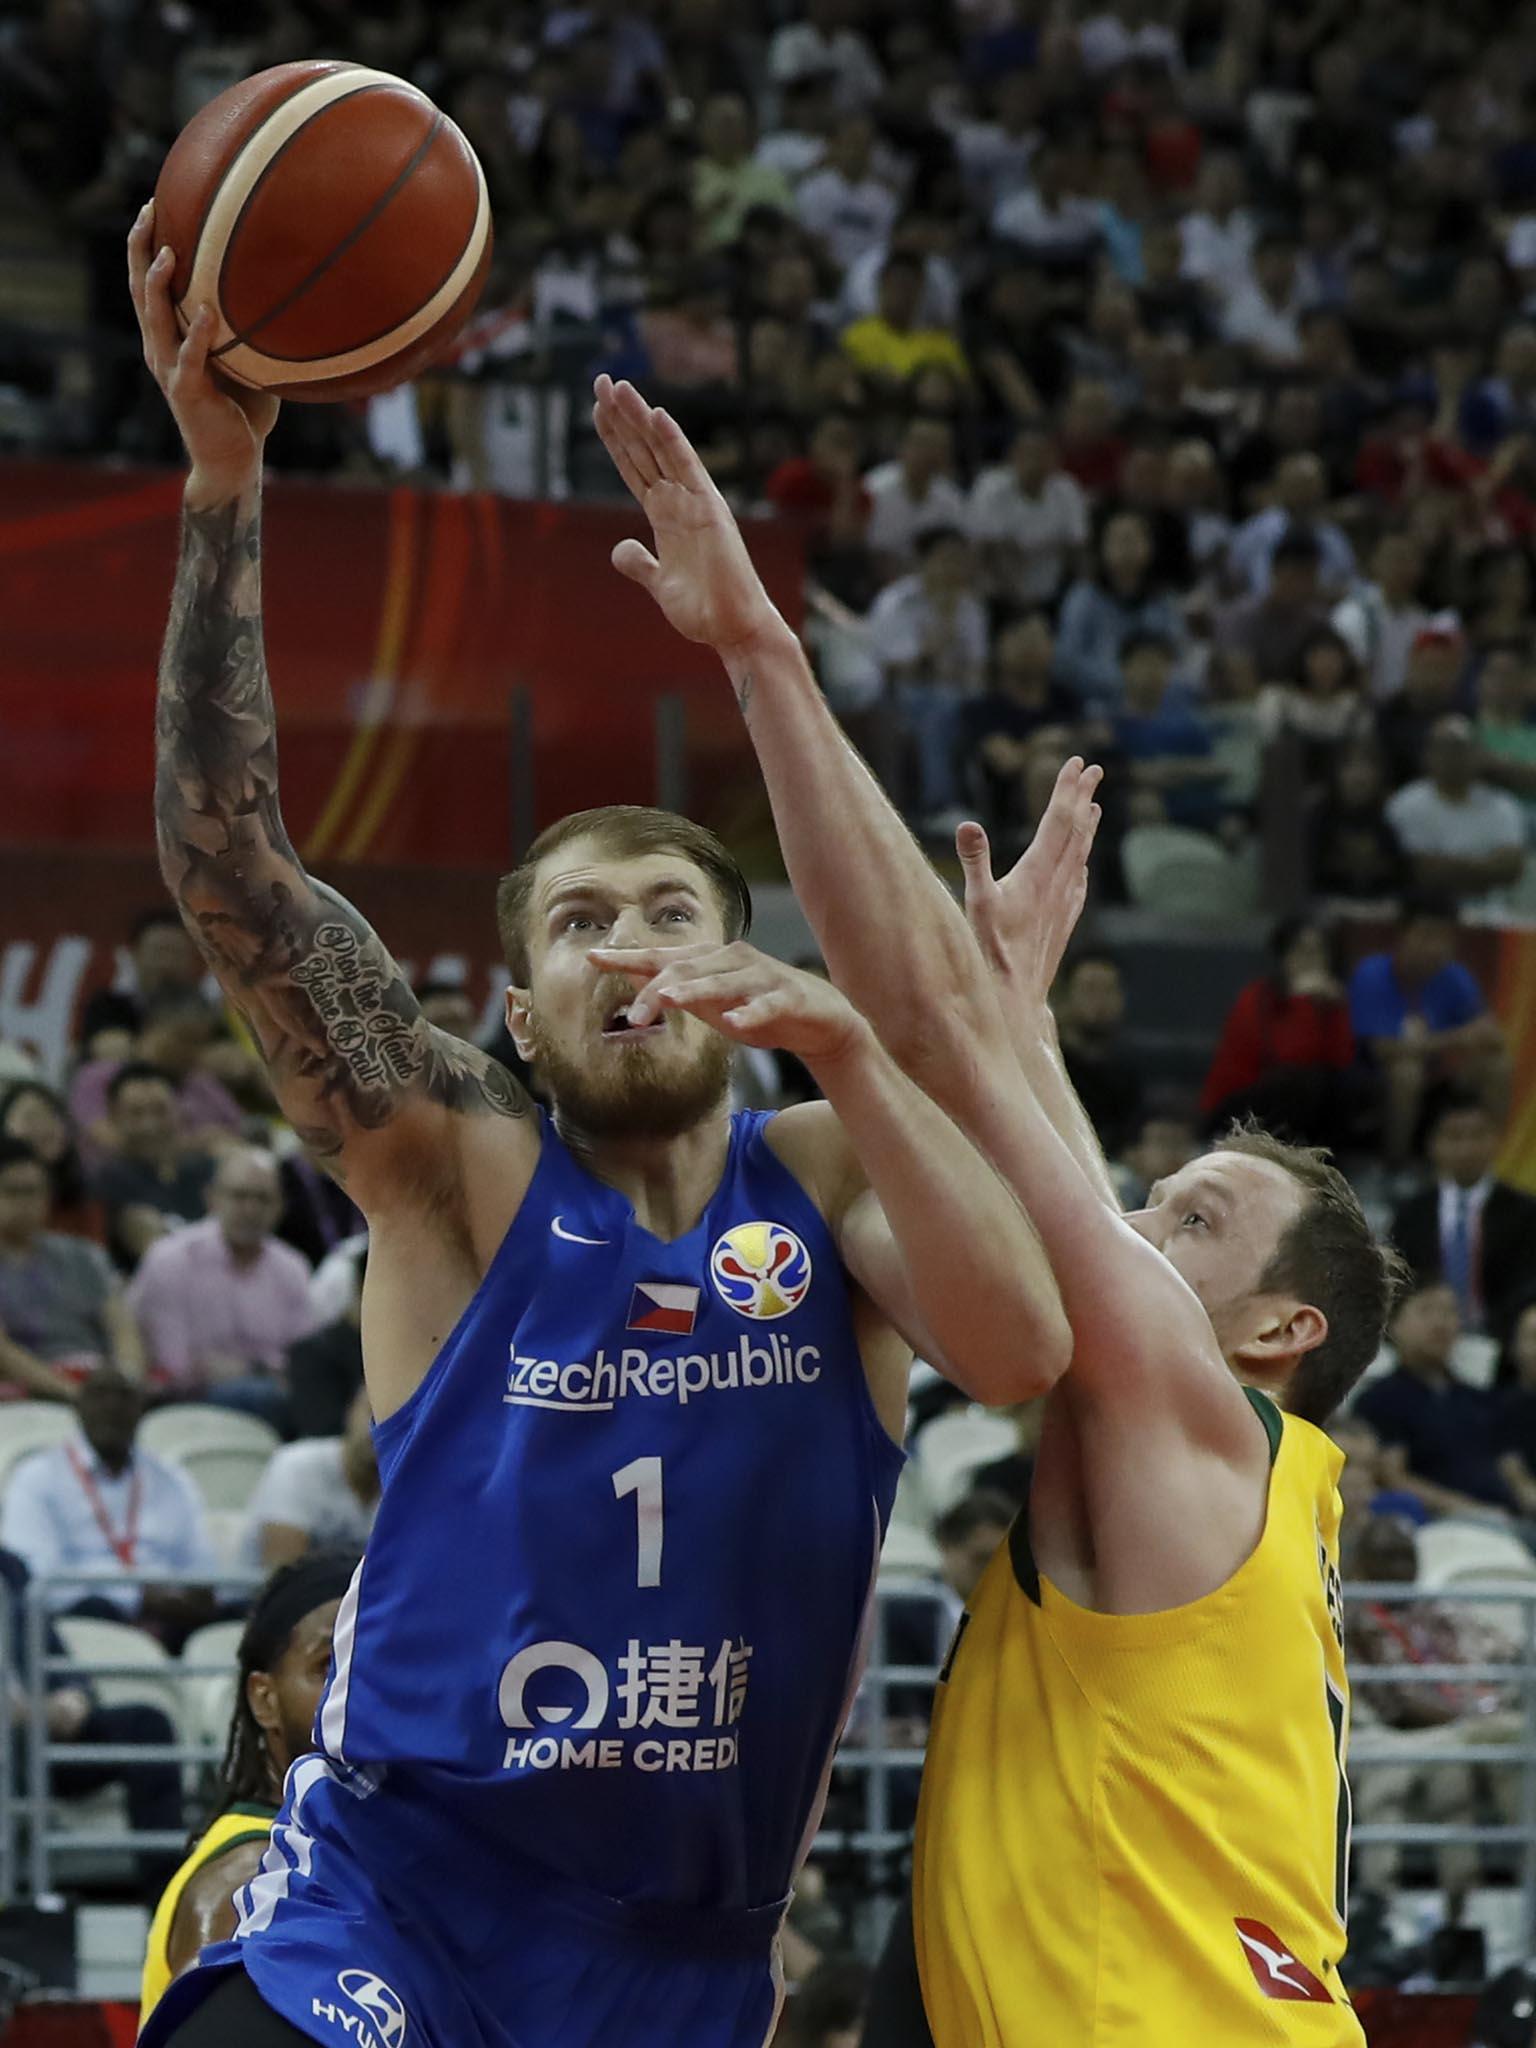 Český výběr prohrál ve čtvrtfinále mistrovství světa s Austrálií 70:82 a čekají ho zápasy o páté až osmé místo.